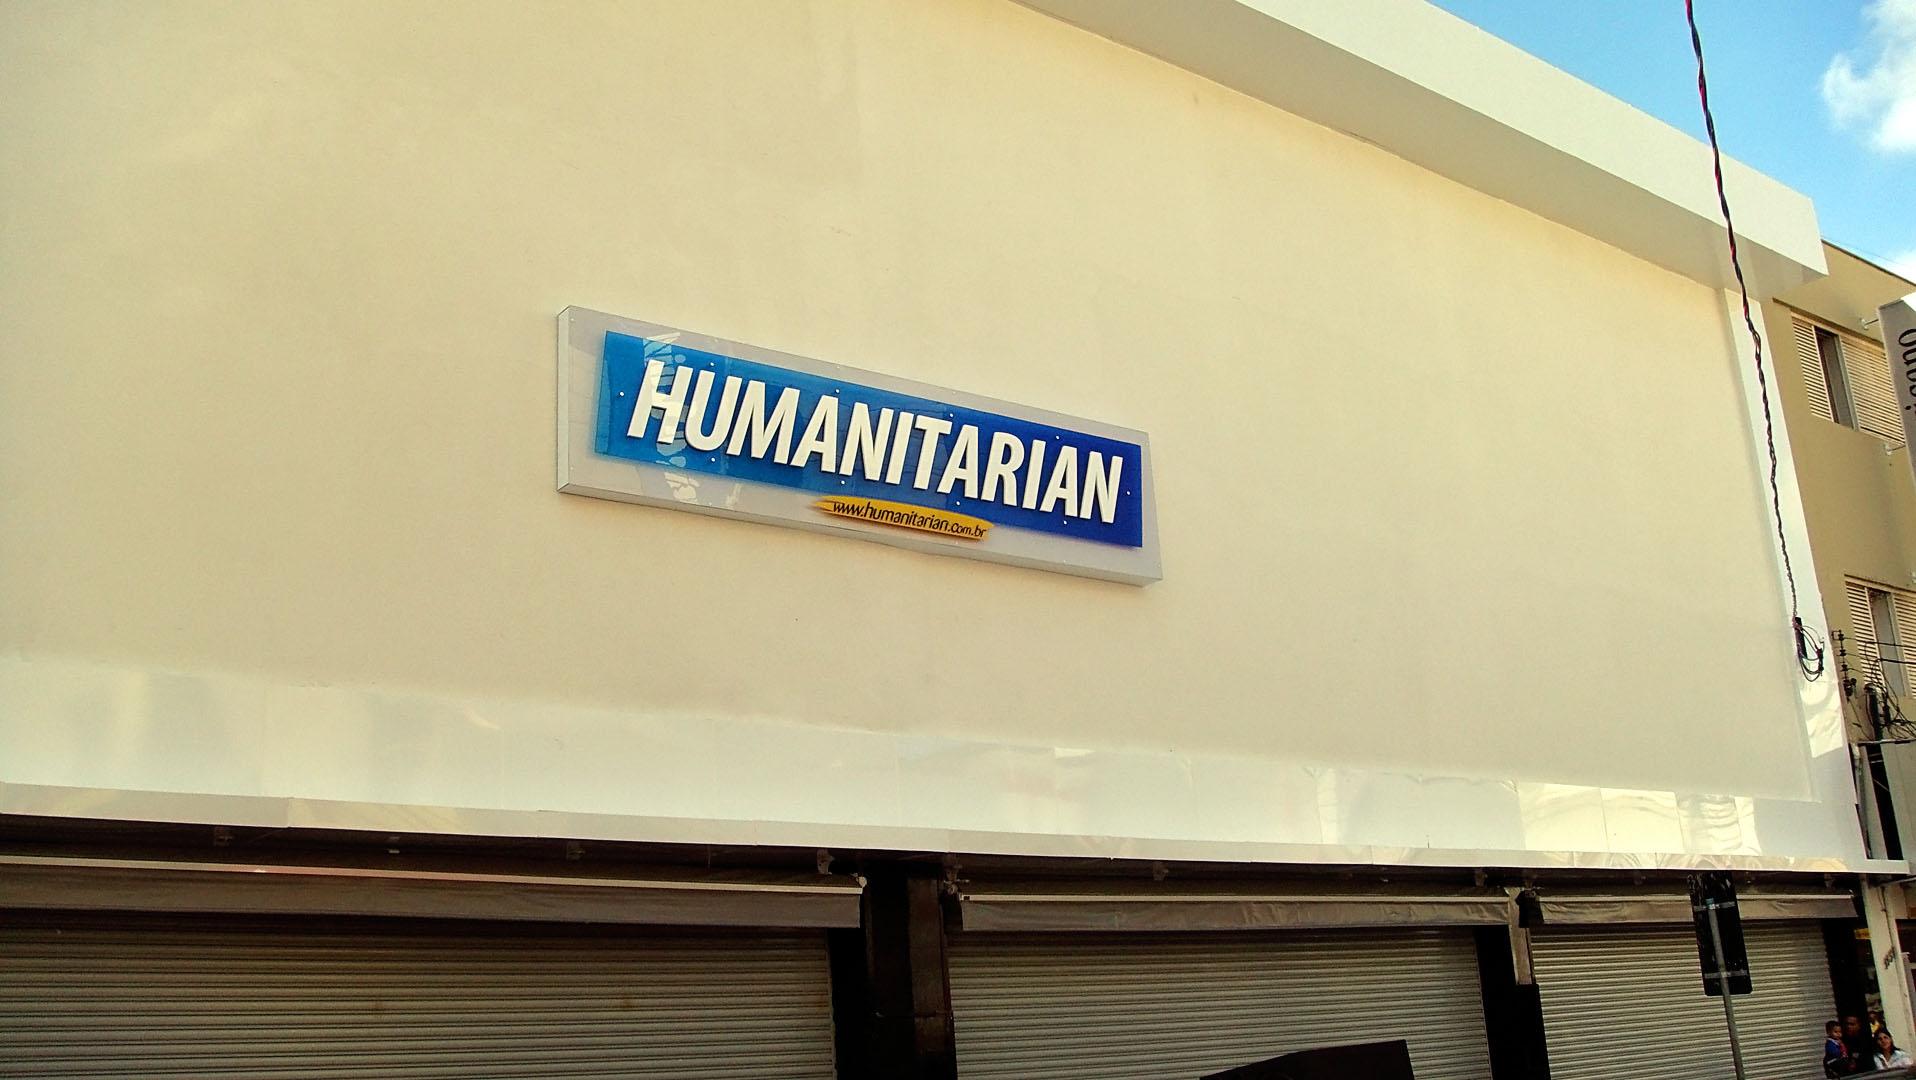 05d5e673a Construção de mais uma loja da rede Humanitarian Calçados no centro de  Piracicaba, interior de São Paulo. humanitarian_piracicaba000